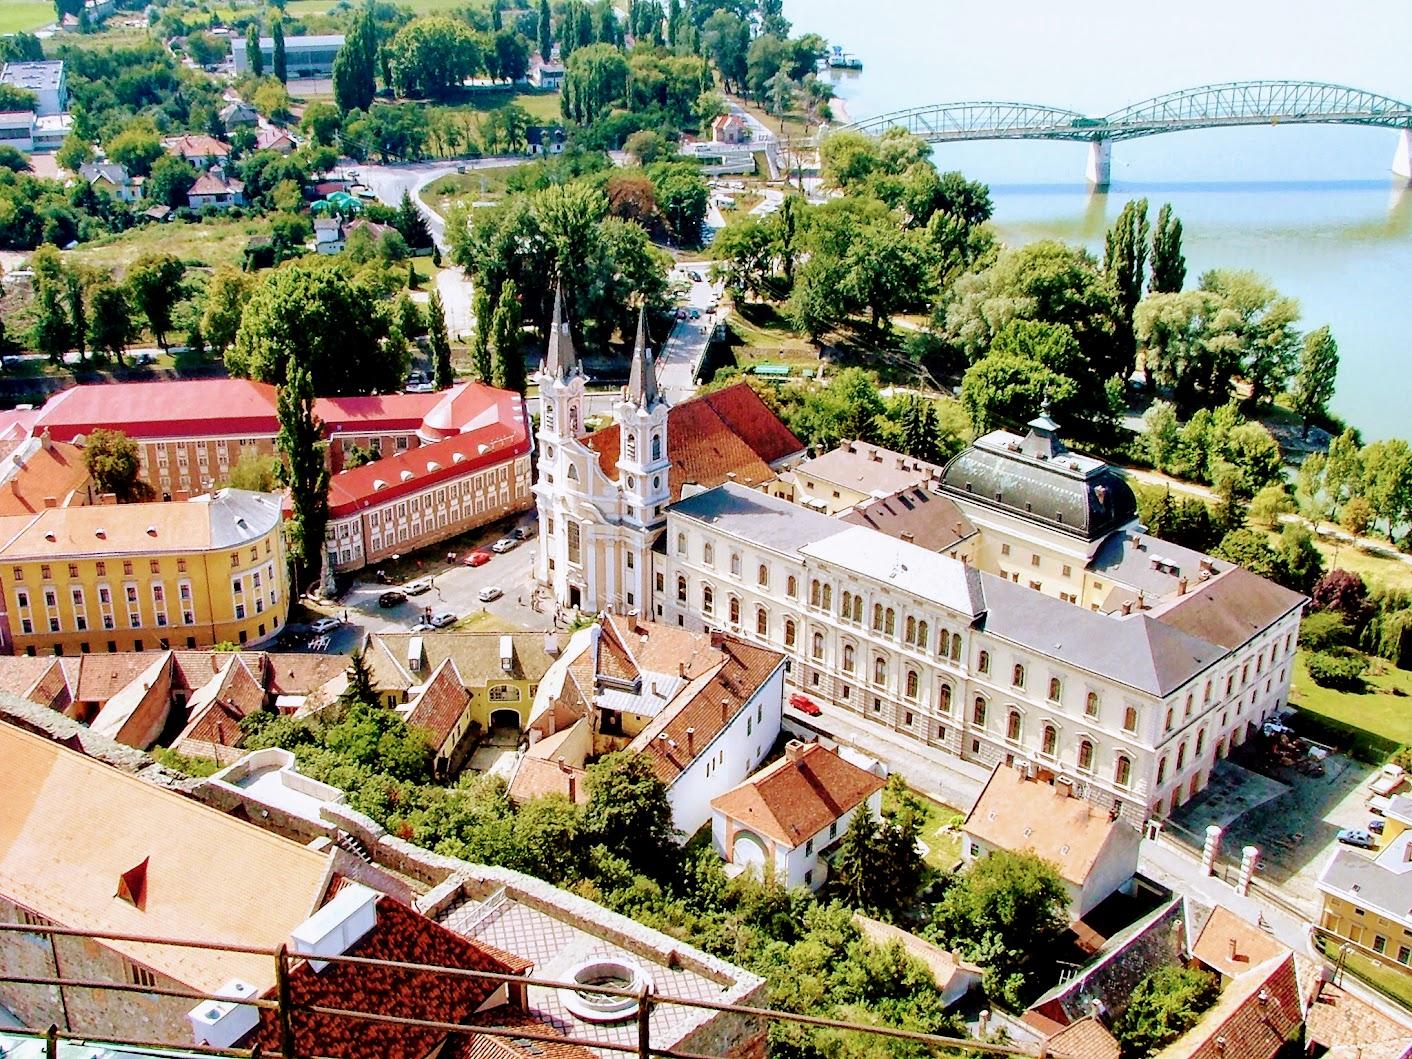 Esztergom - Vízivárosi Loyolai Szent Ignác rk. templom